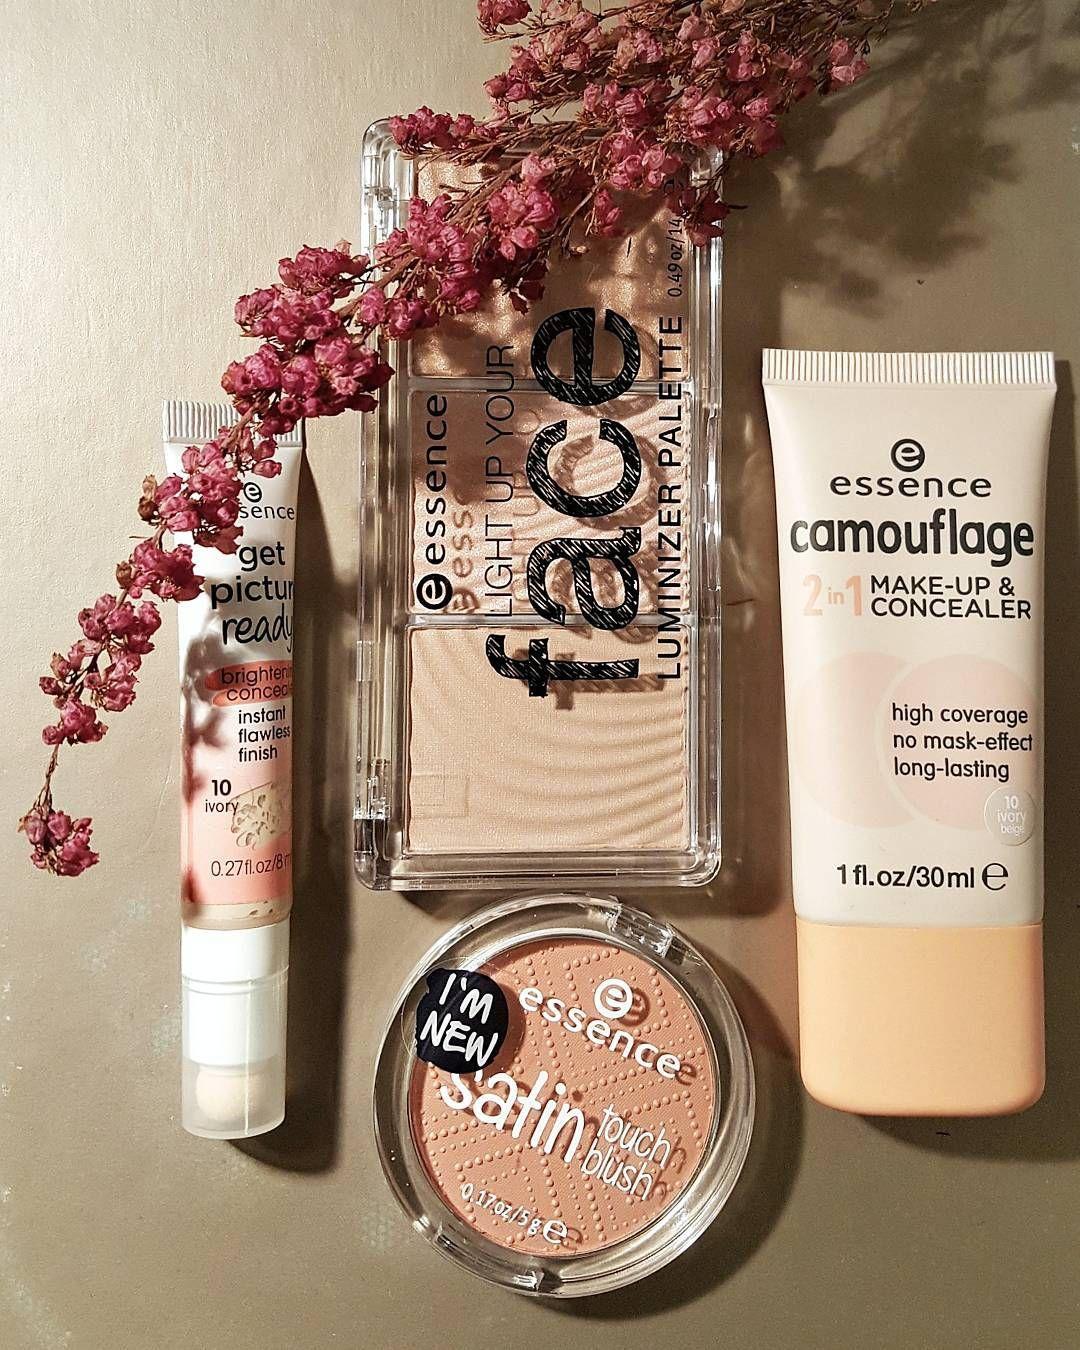 Hehkua ja heleyttä talven kalpeille kasvoille - testissä @essence_cosmetics - edullinen meikkisarja jota saa ainakin Citymarketeista ja Tokmannilta. Kuvan tuotteiden hinnat 3-5 euroa  #essence #essencecosmetics #kosmetiikka #cosmetics #makeup #beauty #kauneus #makeuplover #lightup #concealer #touchblush #poskipuna #sponsored #lifestyleblogger #nelkytplusblogit #åblogit @whynotpr